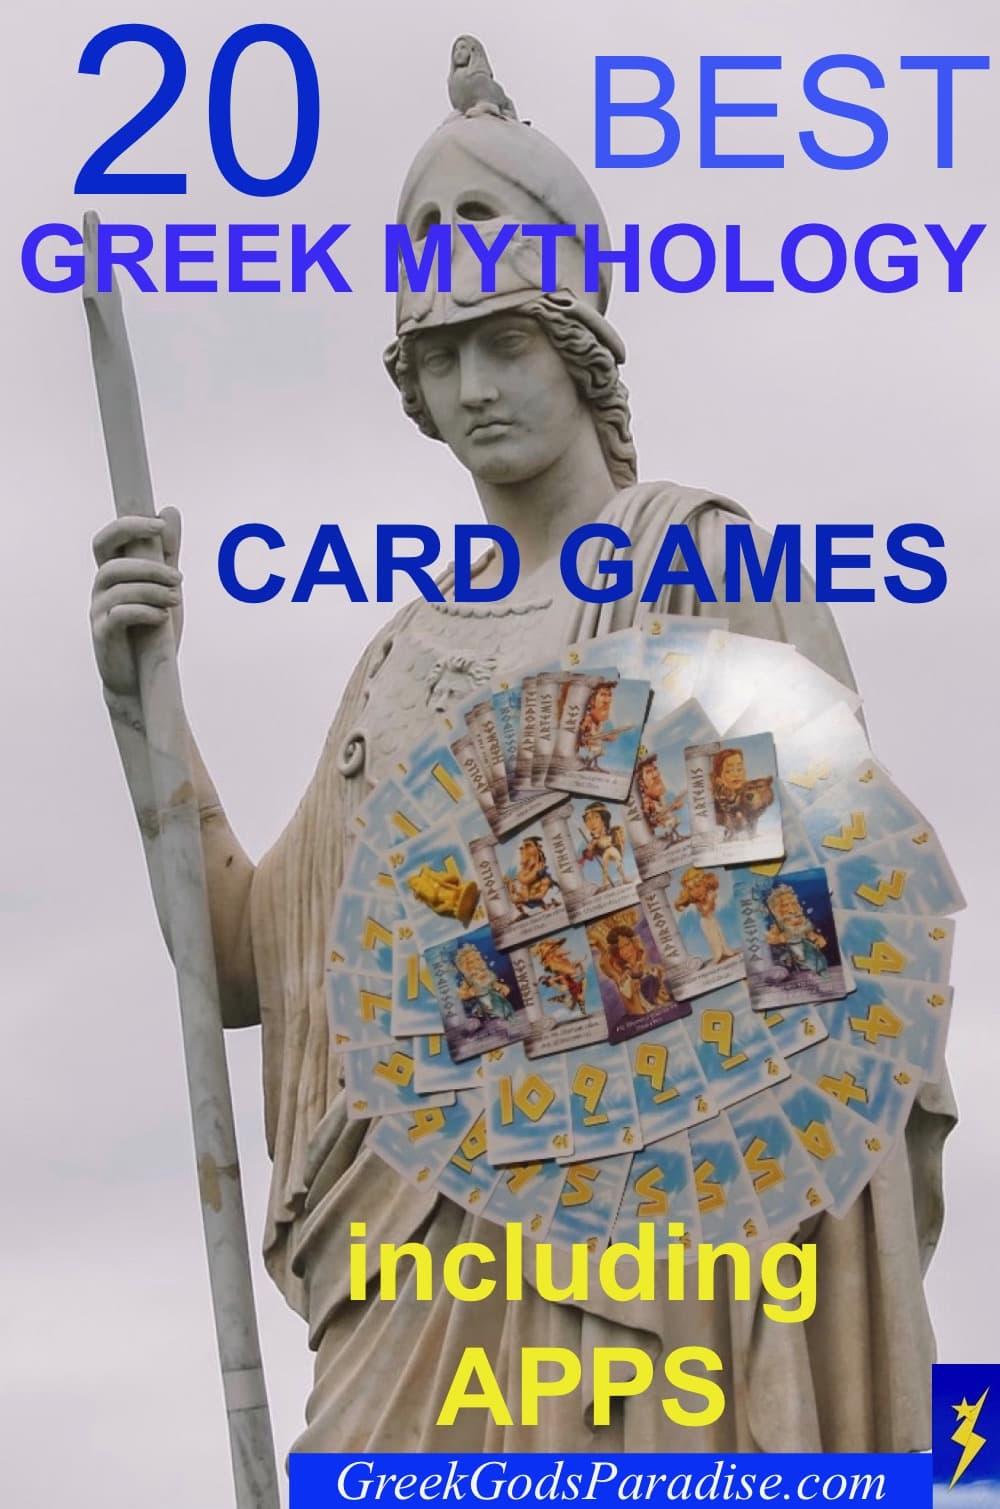 Best Greek Mythology Card Games and Apps